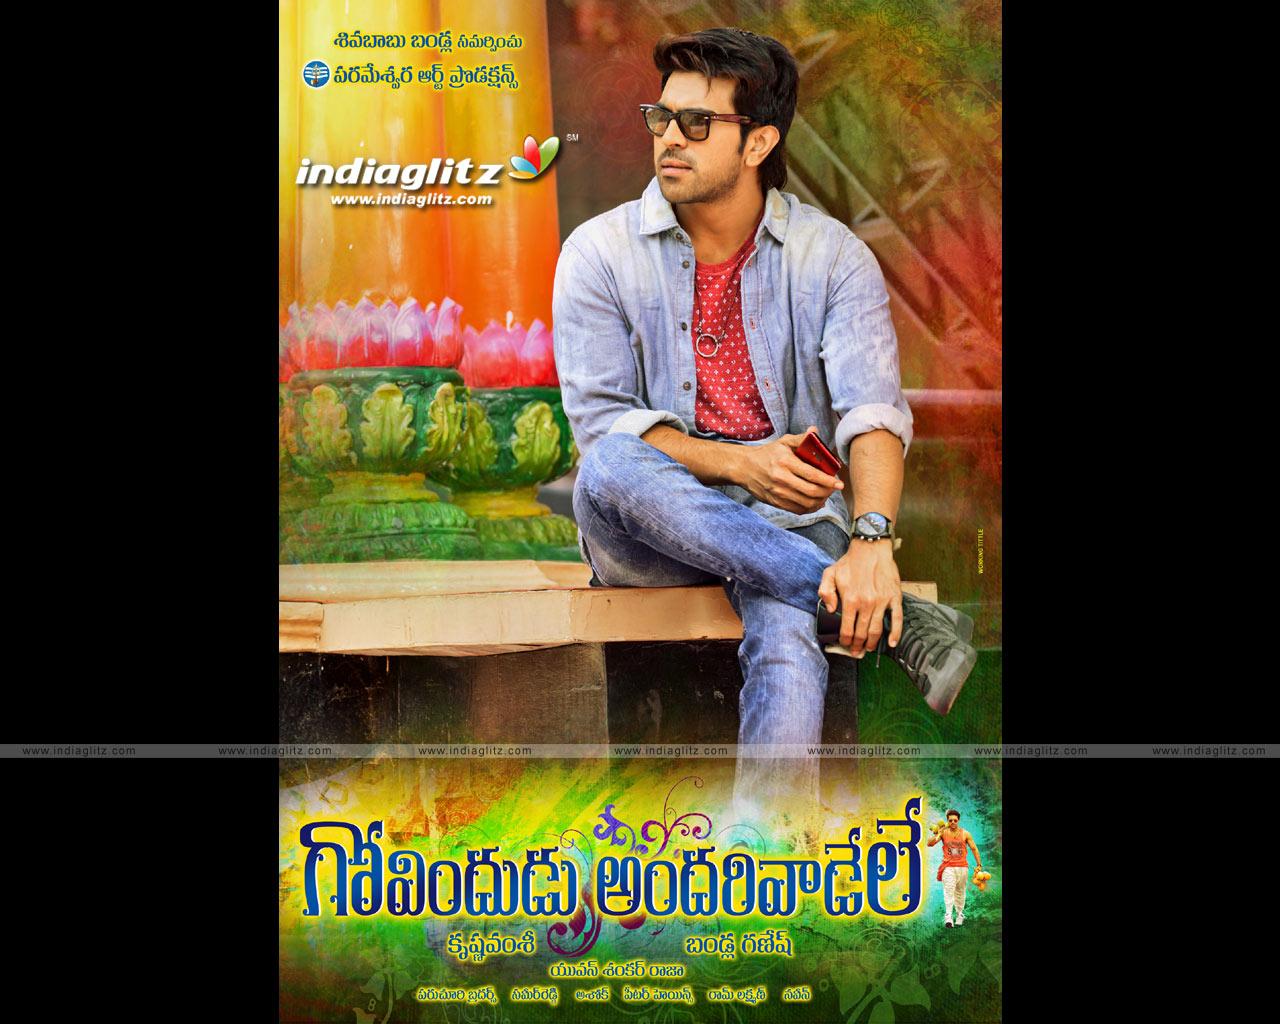 Indiaglitz Tamil Movies Govindudu Andarivadele Wallpapers